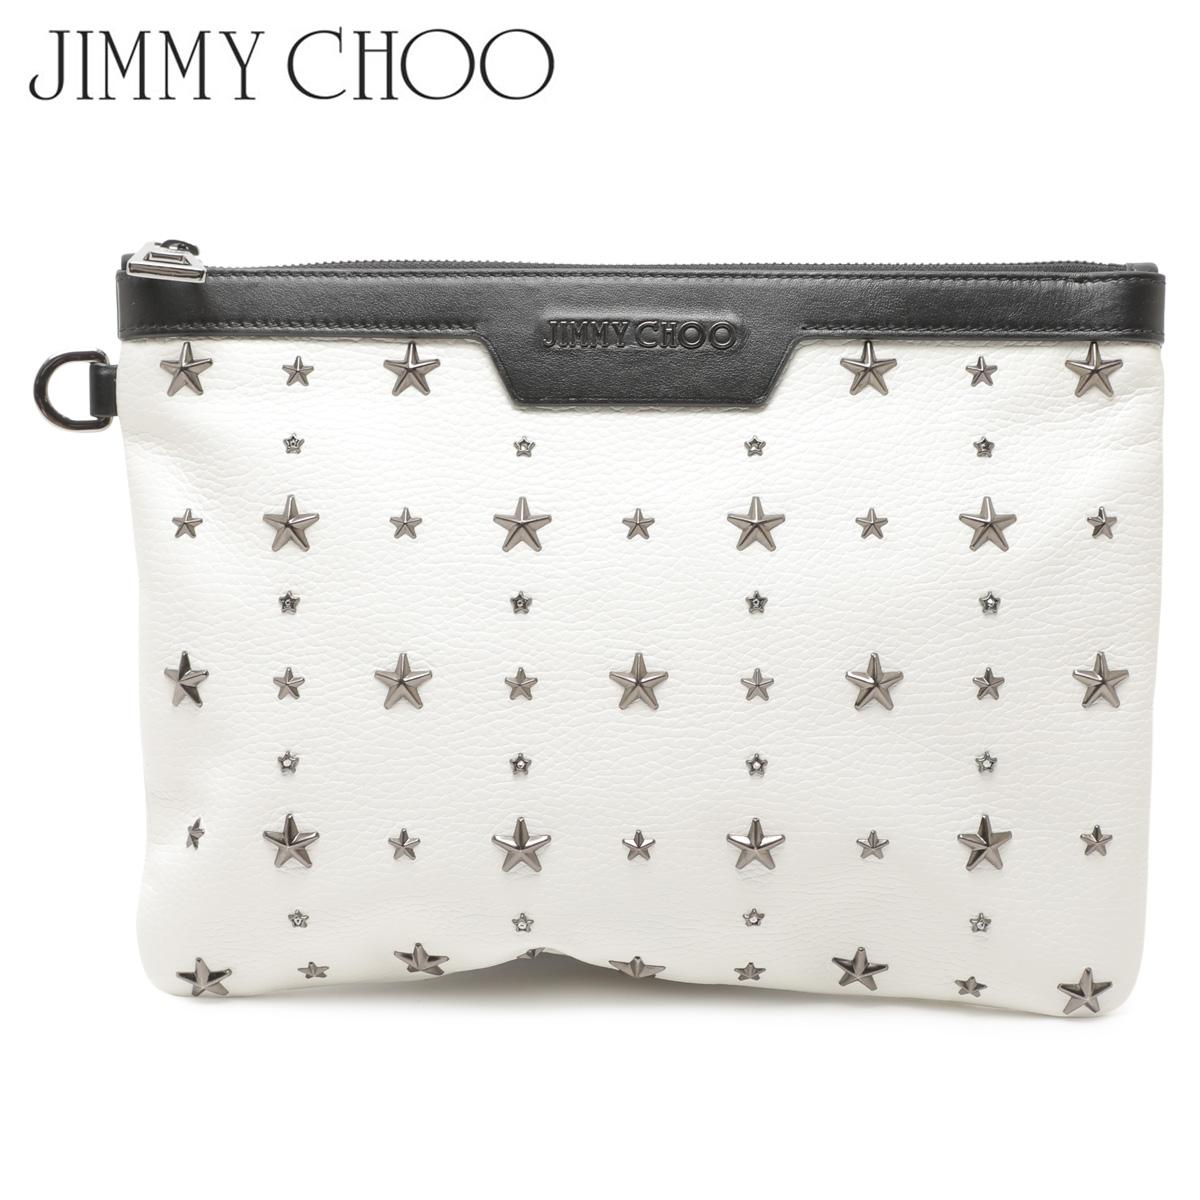 【訳あり】 JIMMY CHOO ジミーチュウ バッグ クラッチバッグ レディース CLUTCH BAG ホワイト 16597-43 【返品不可】